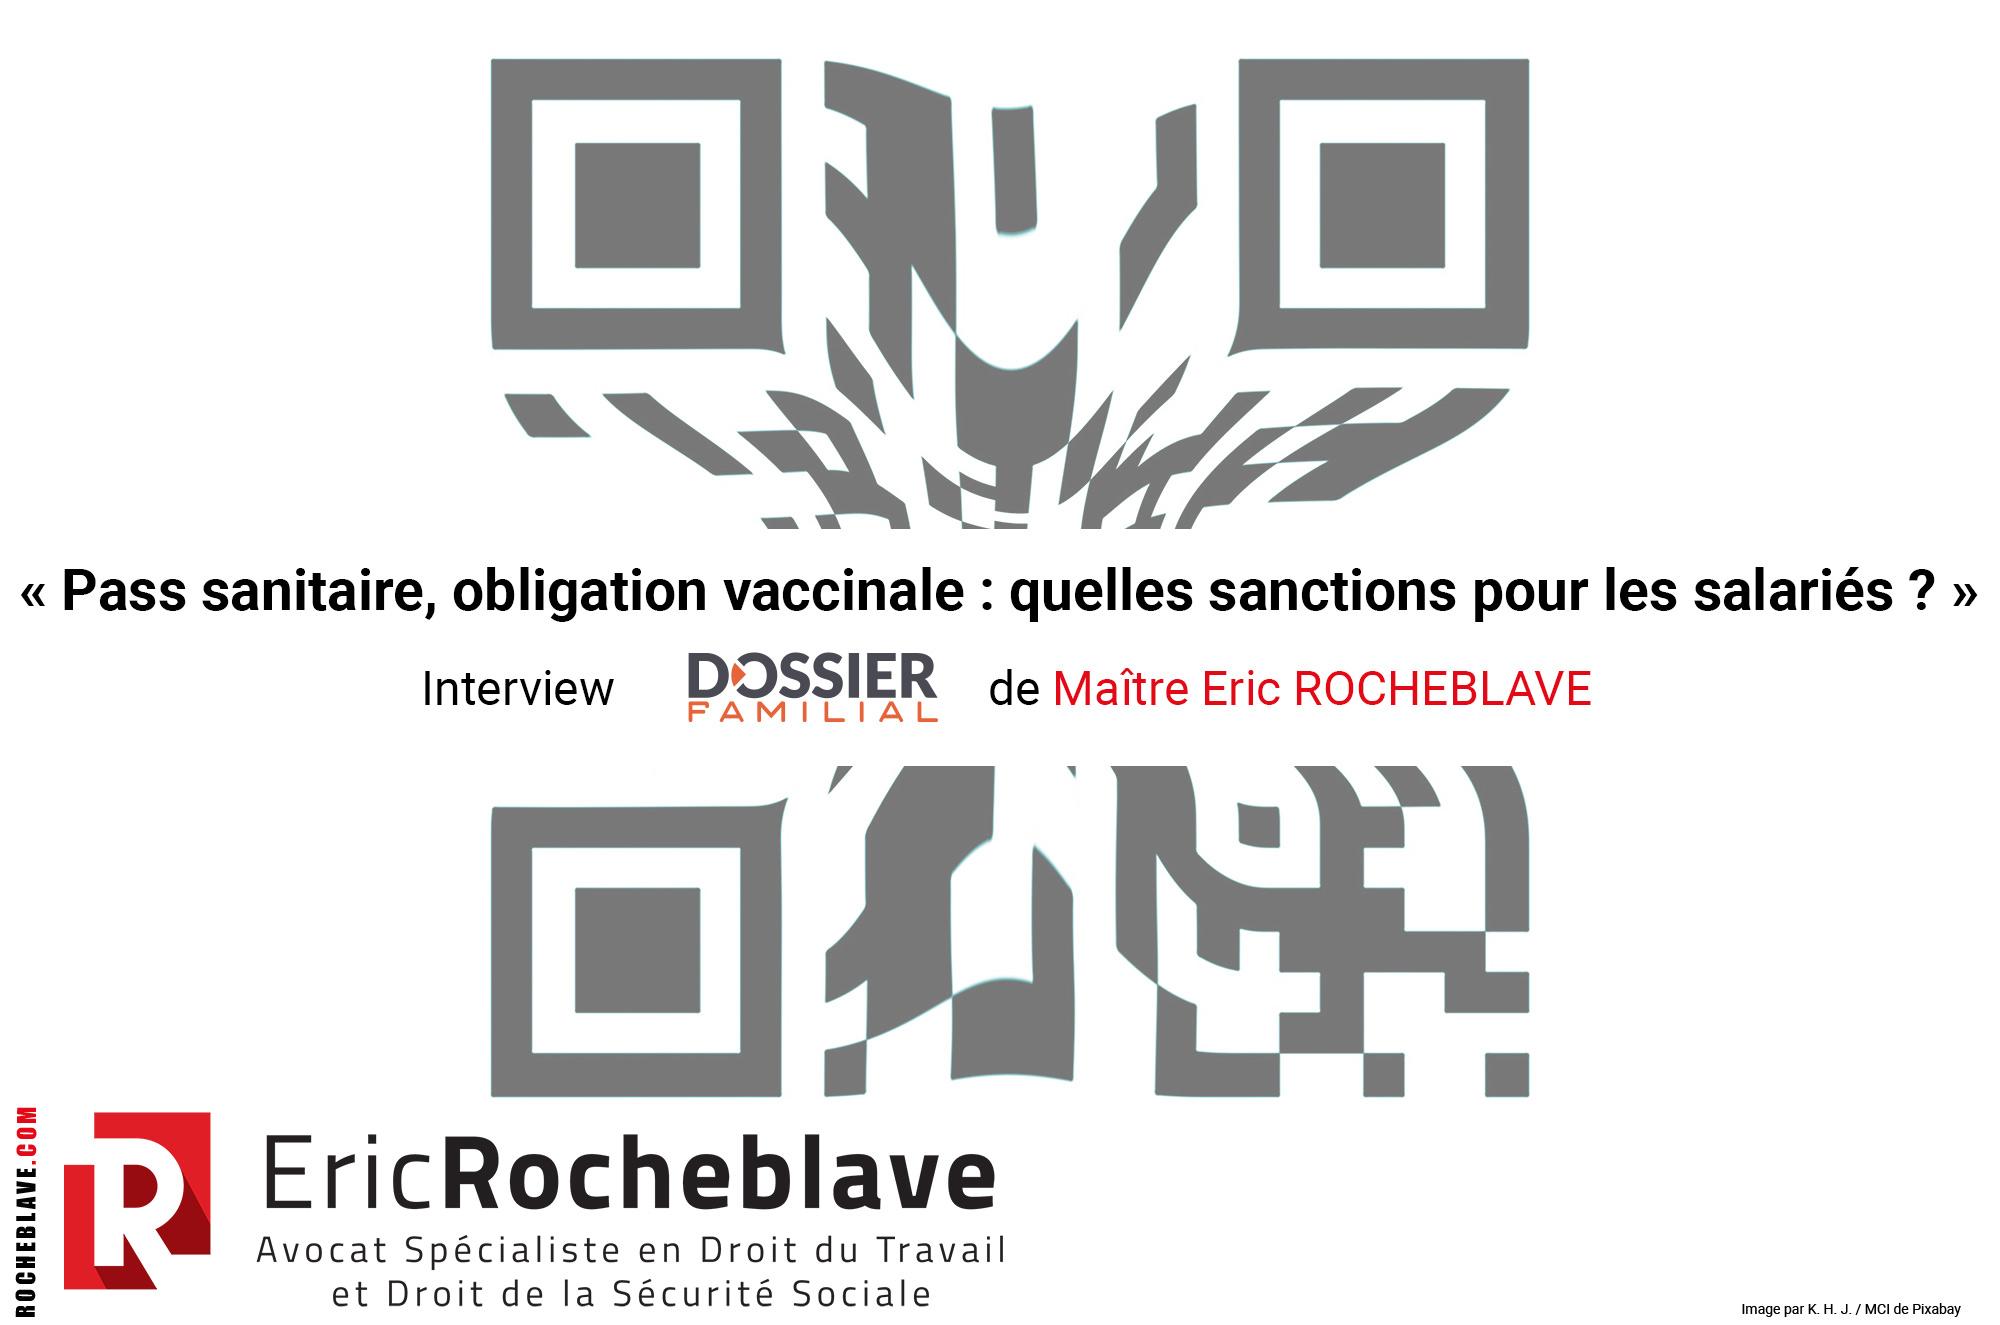 « Pass sanitaire, obligation vaccinale : quelles sanctions pour les salariés ? » Interview DOSSIER FAMILIAL de Maître Eric ROCHEBLAVE